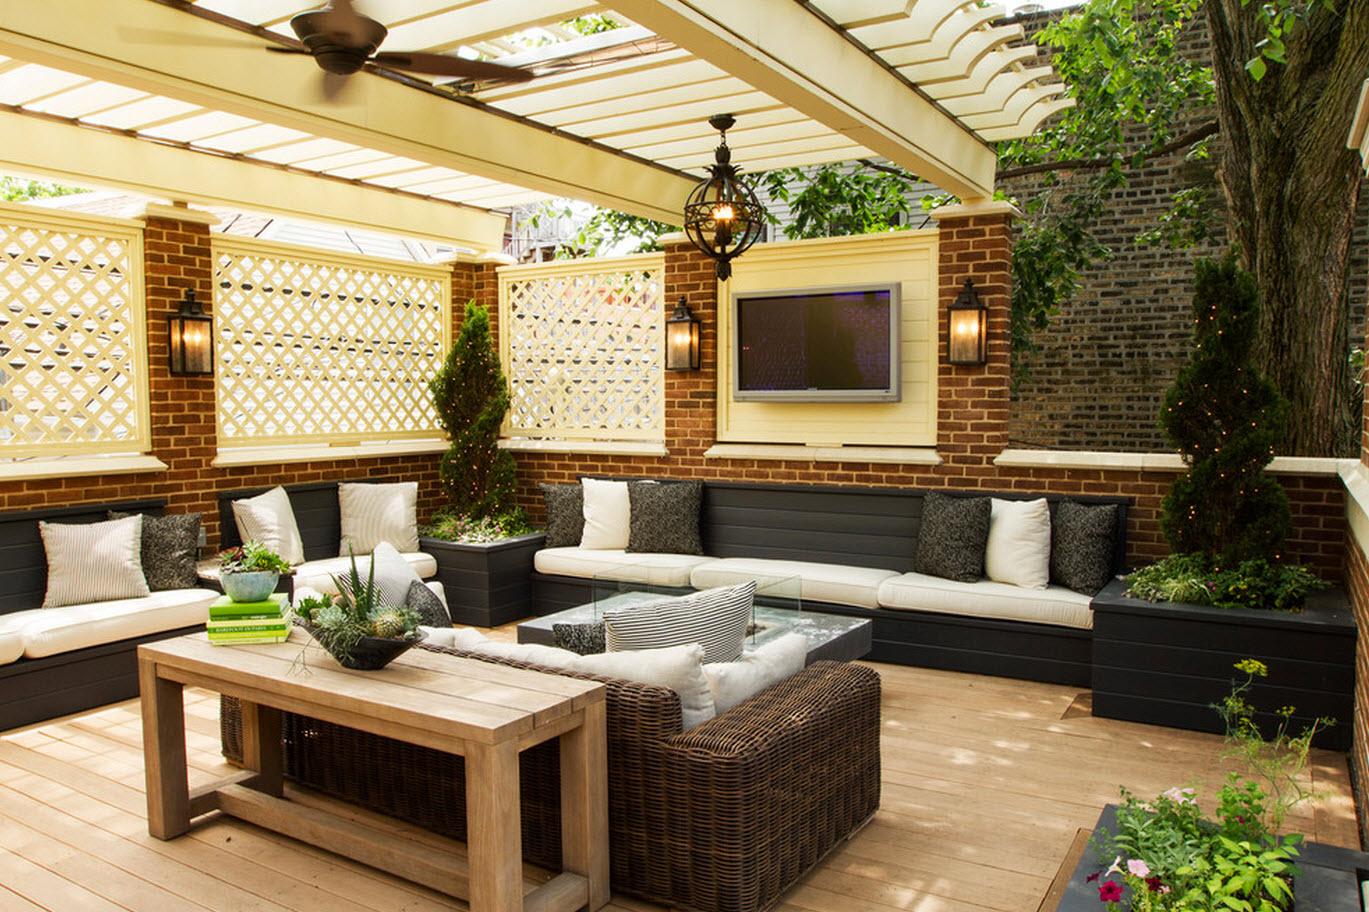 27 fotos terrazas casas modernas 17 for Comedores exteriores para terrazas